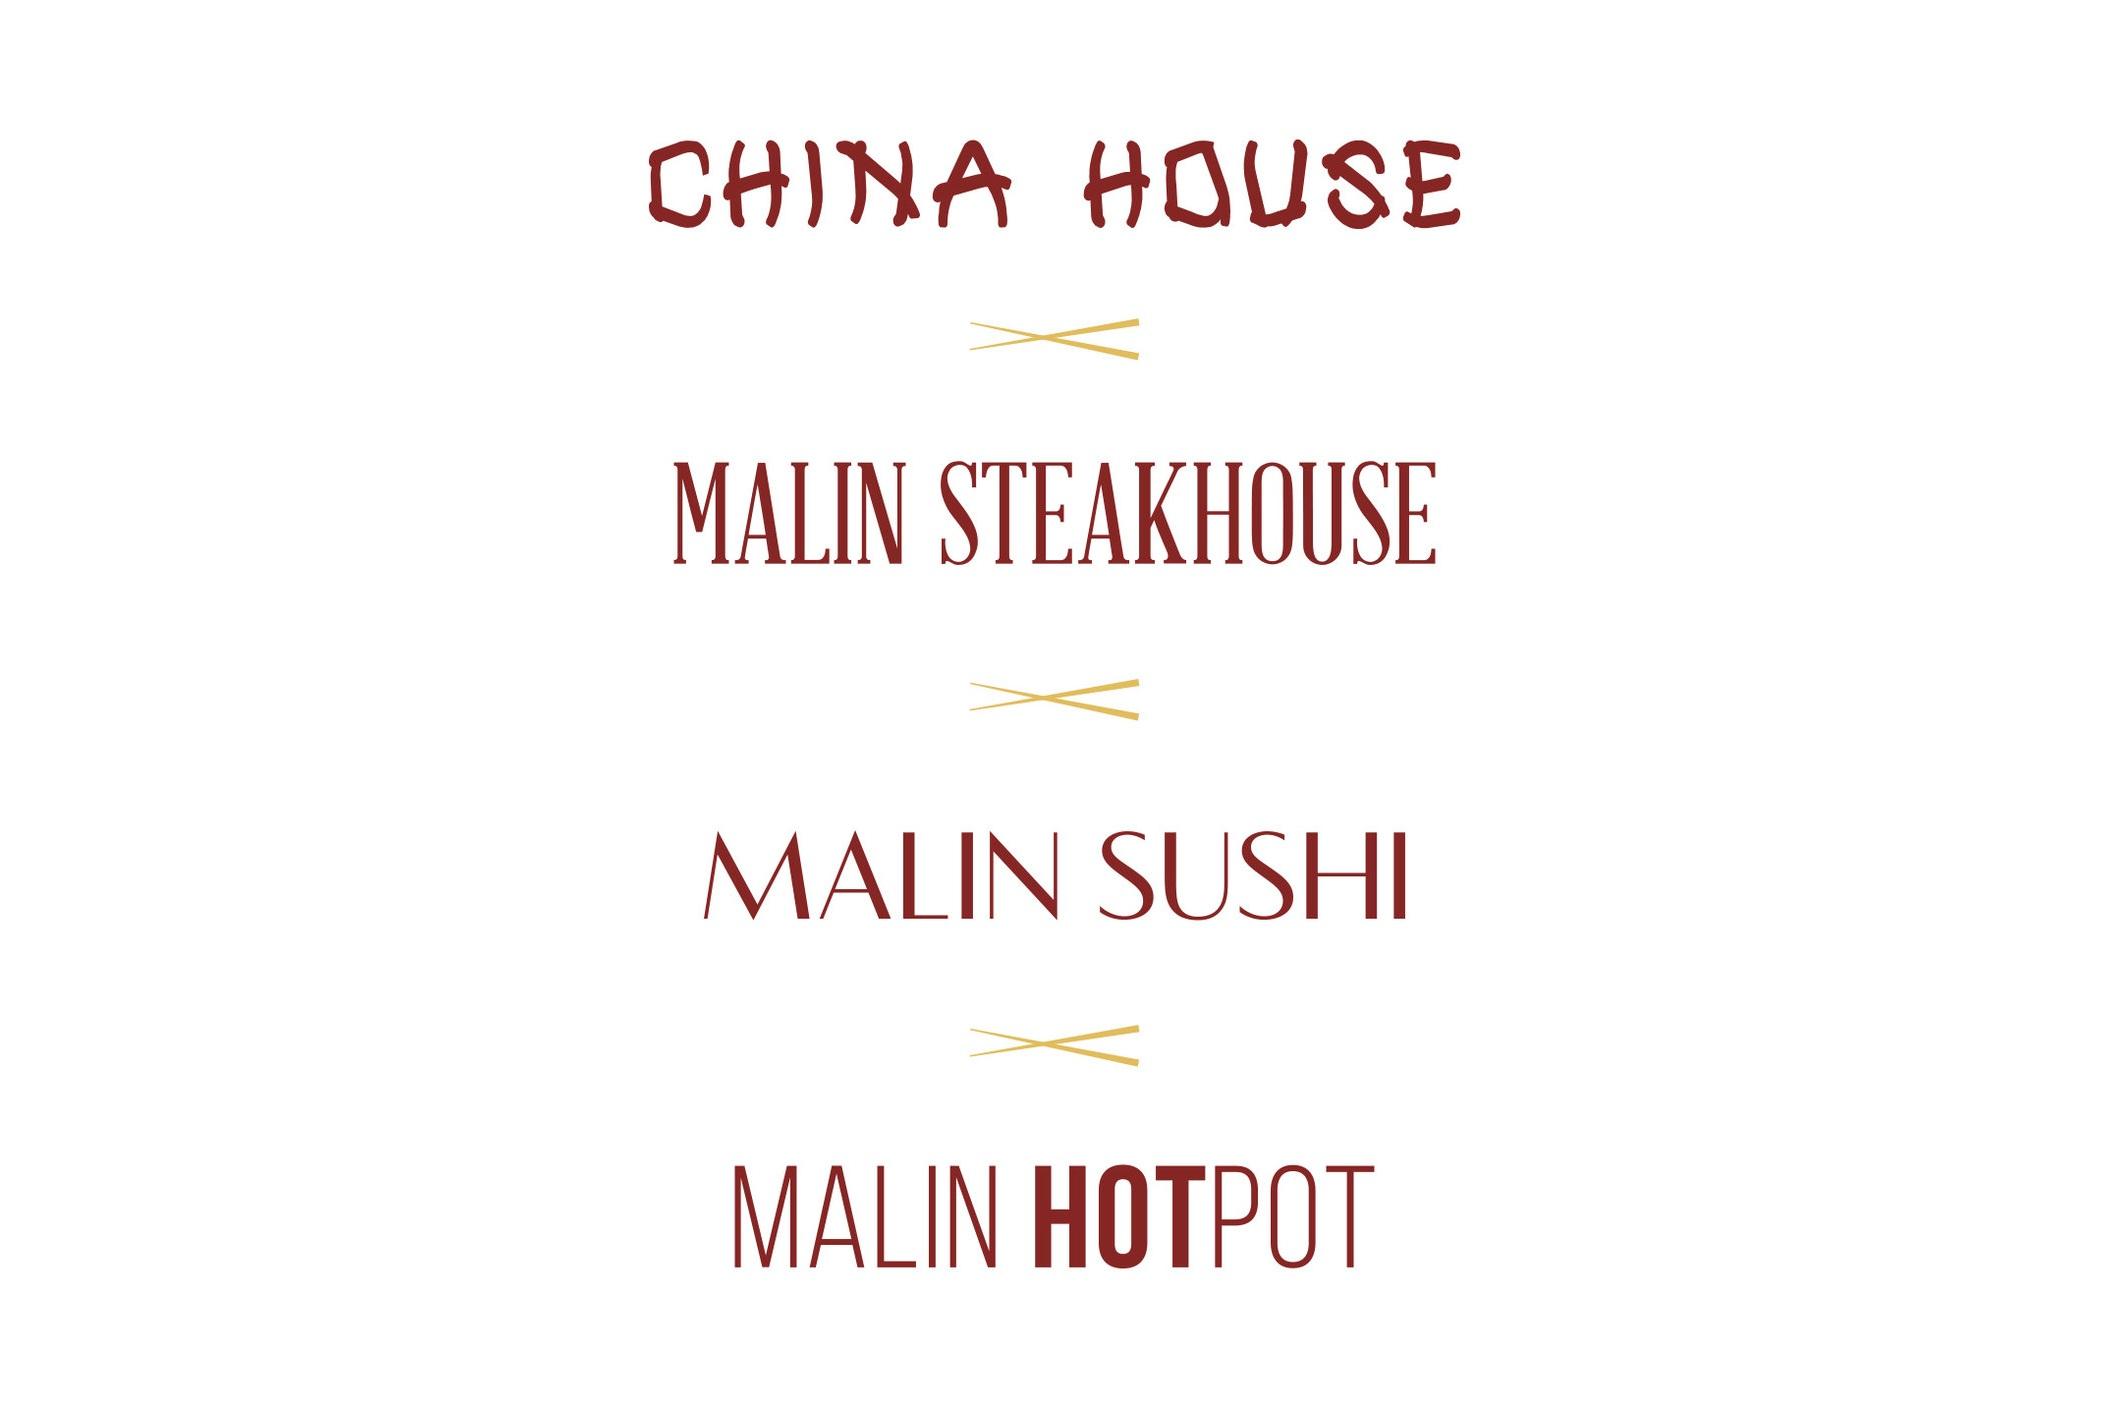 Fire restaurantar i ein - Restauranthuset Malin er ein stor restaurant med 220 sitjeplassar og med fire ulike matkonsept: ChinaHouse, Steakhouse, Sushi og HotPot. Vi utvikla separate logoar for konsepta.